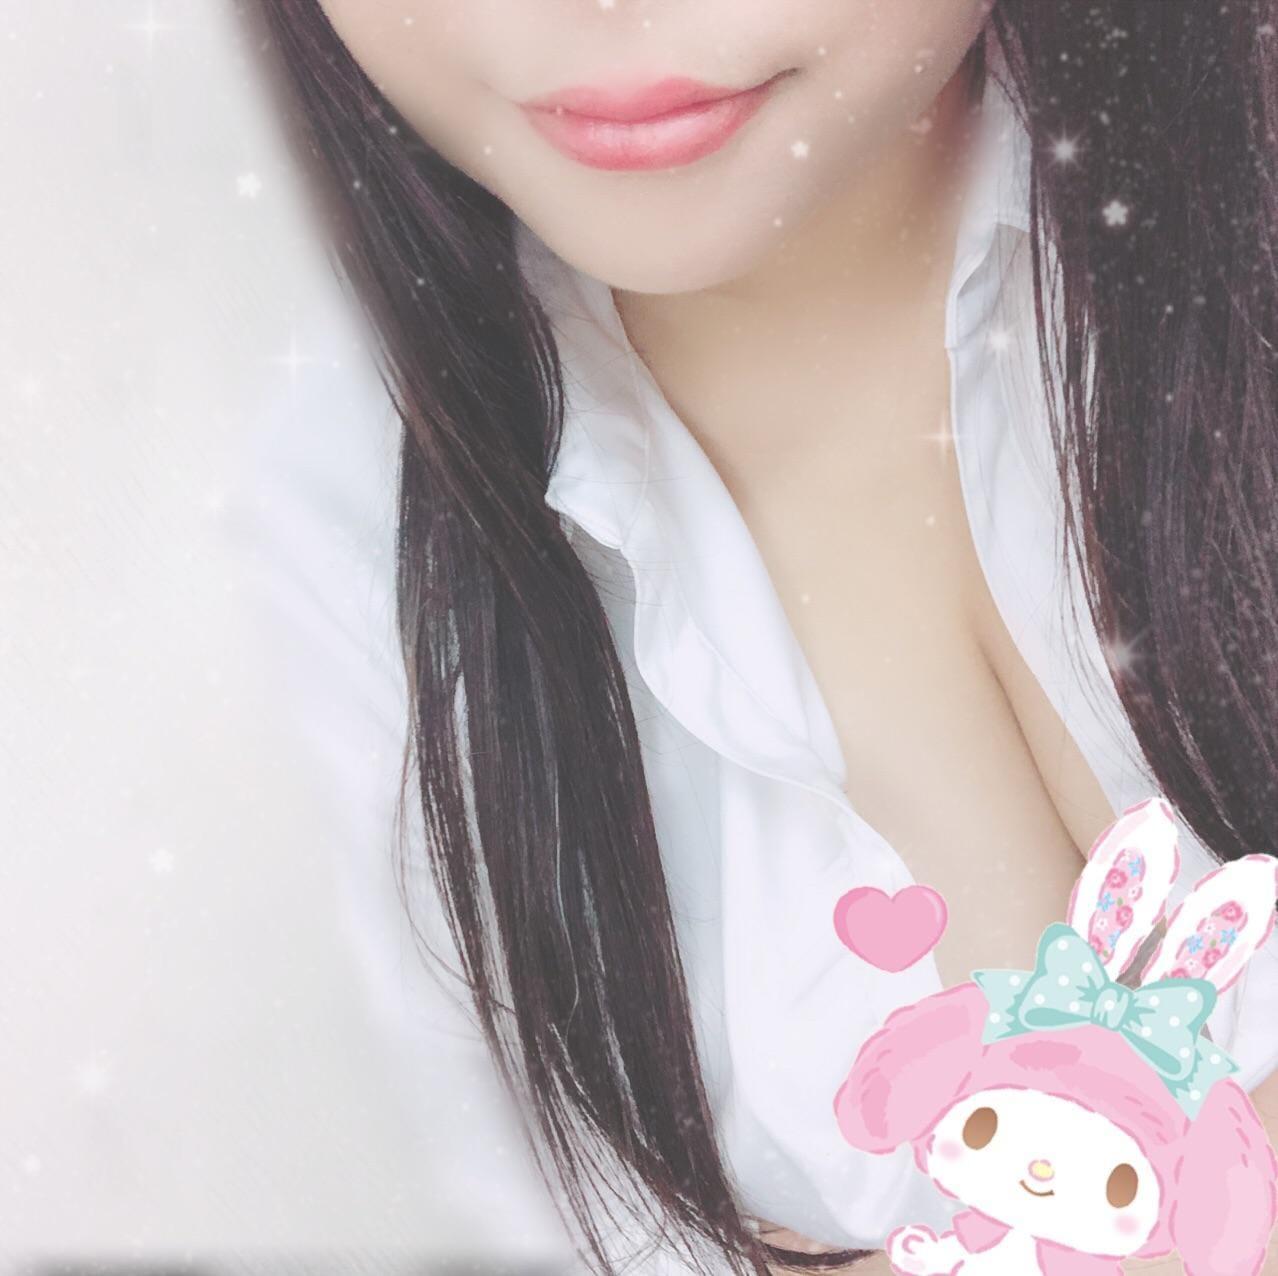 「おはようございます!」08/25(日) 19:21 | じゅりの写メ・風俗動画